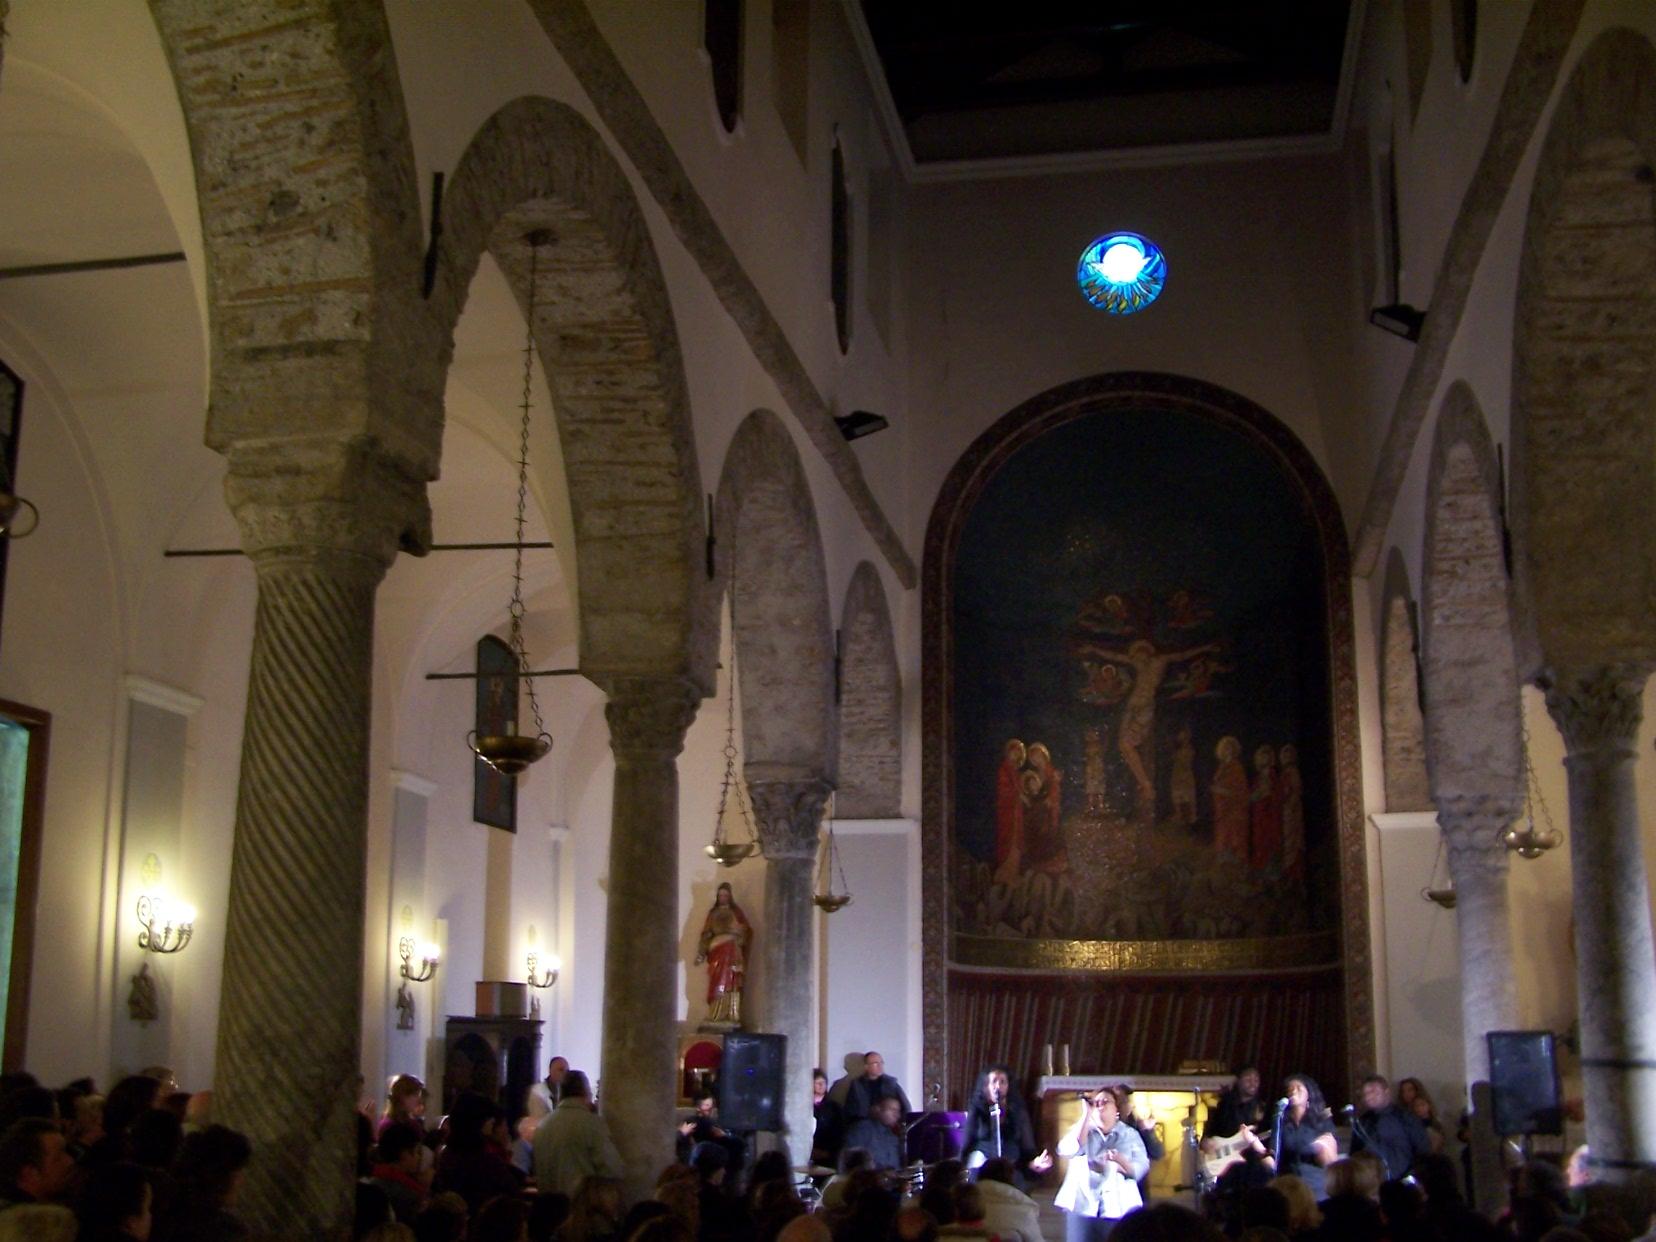 Chiesa Del Santissimo Crocifisso Salerno Wikipedia